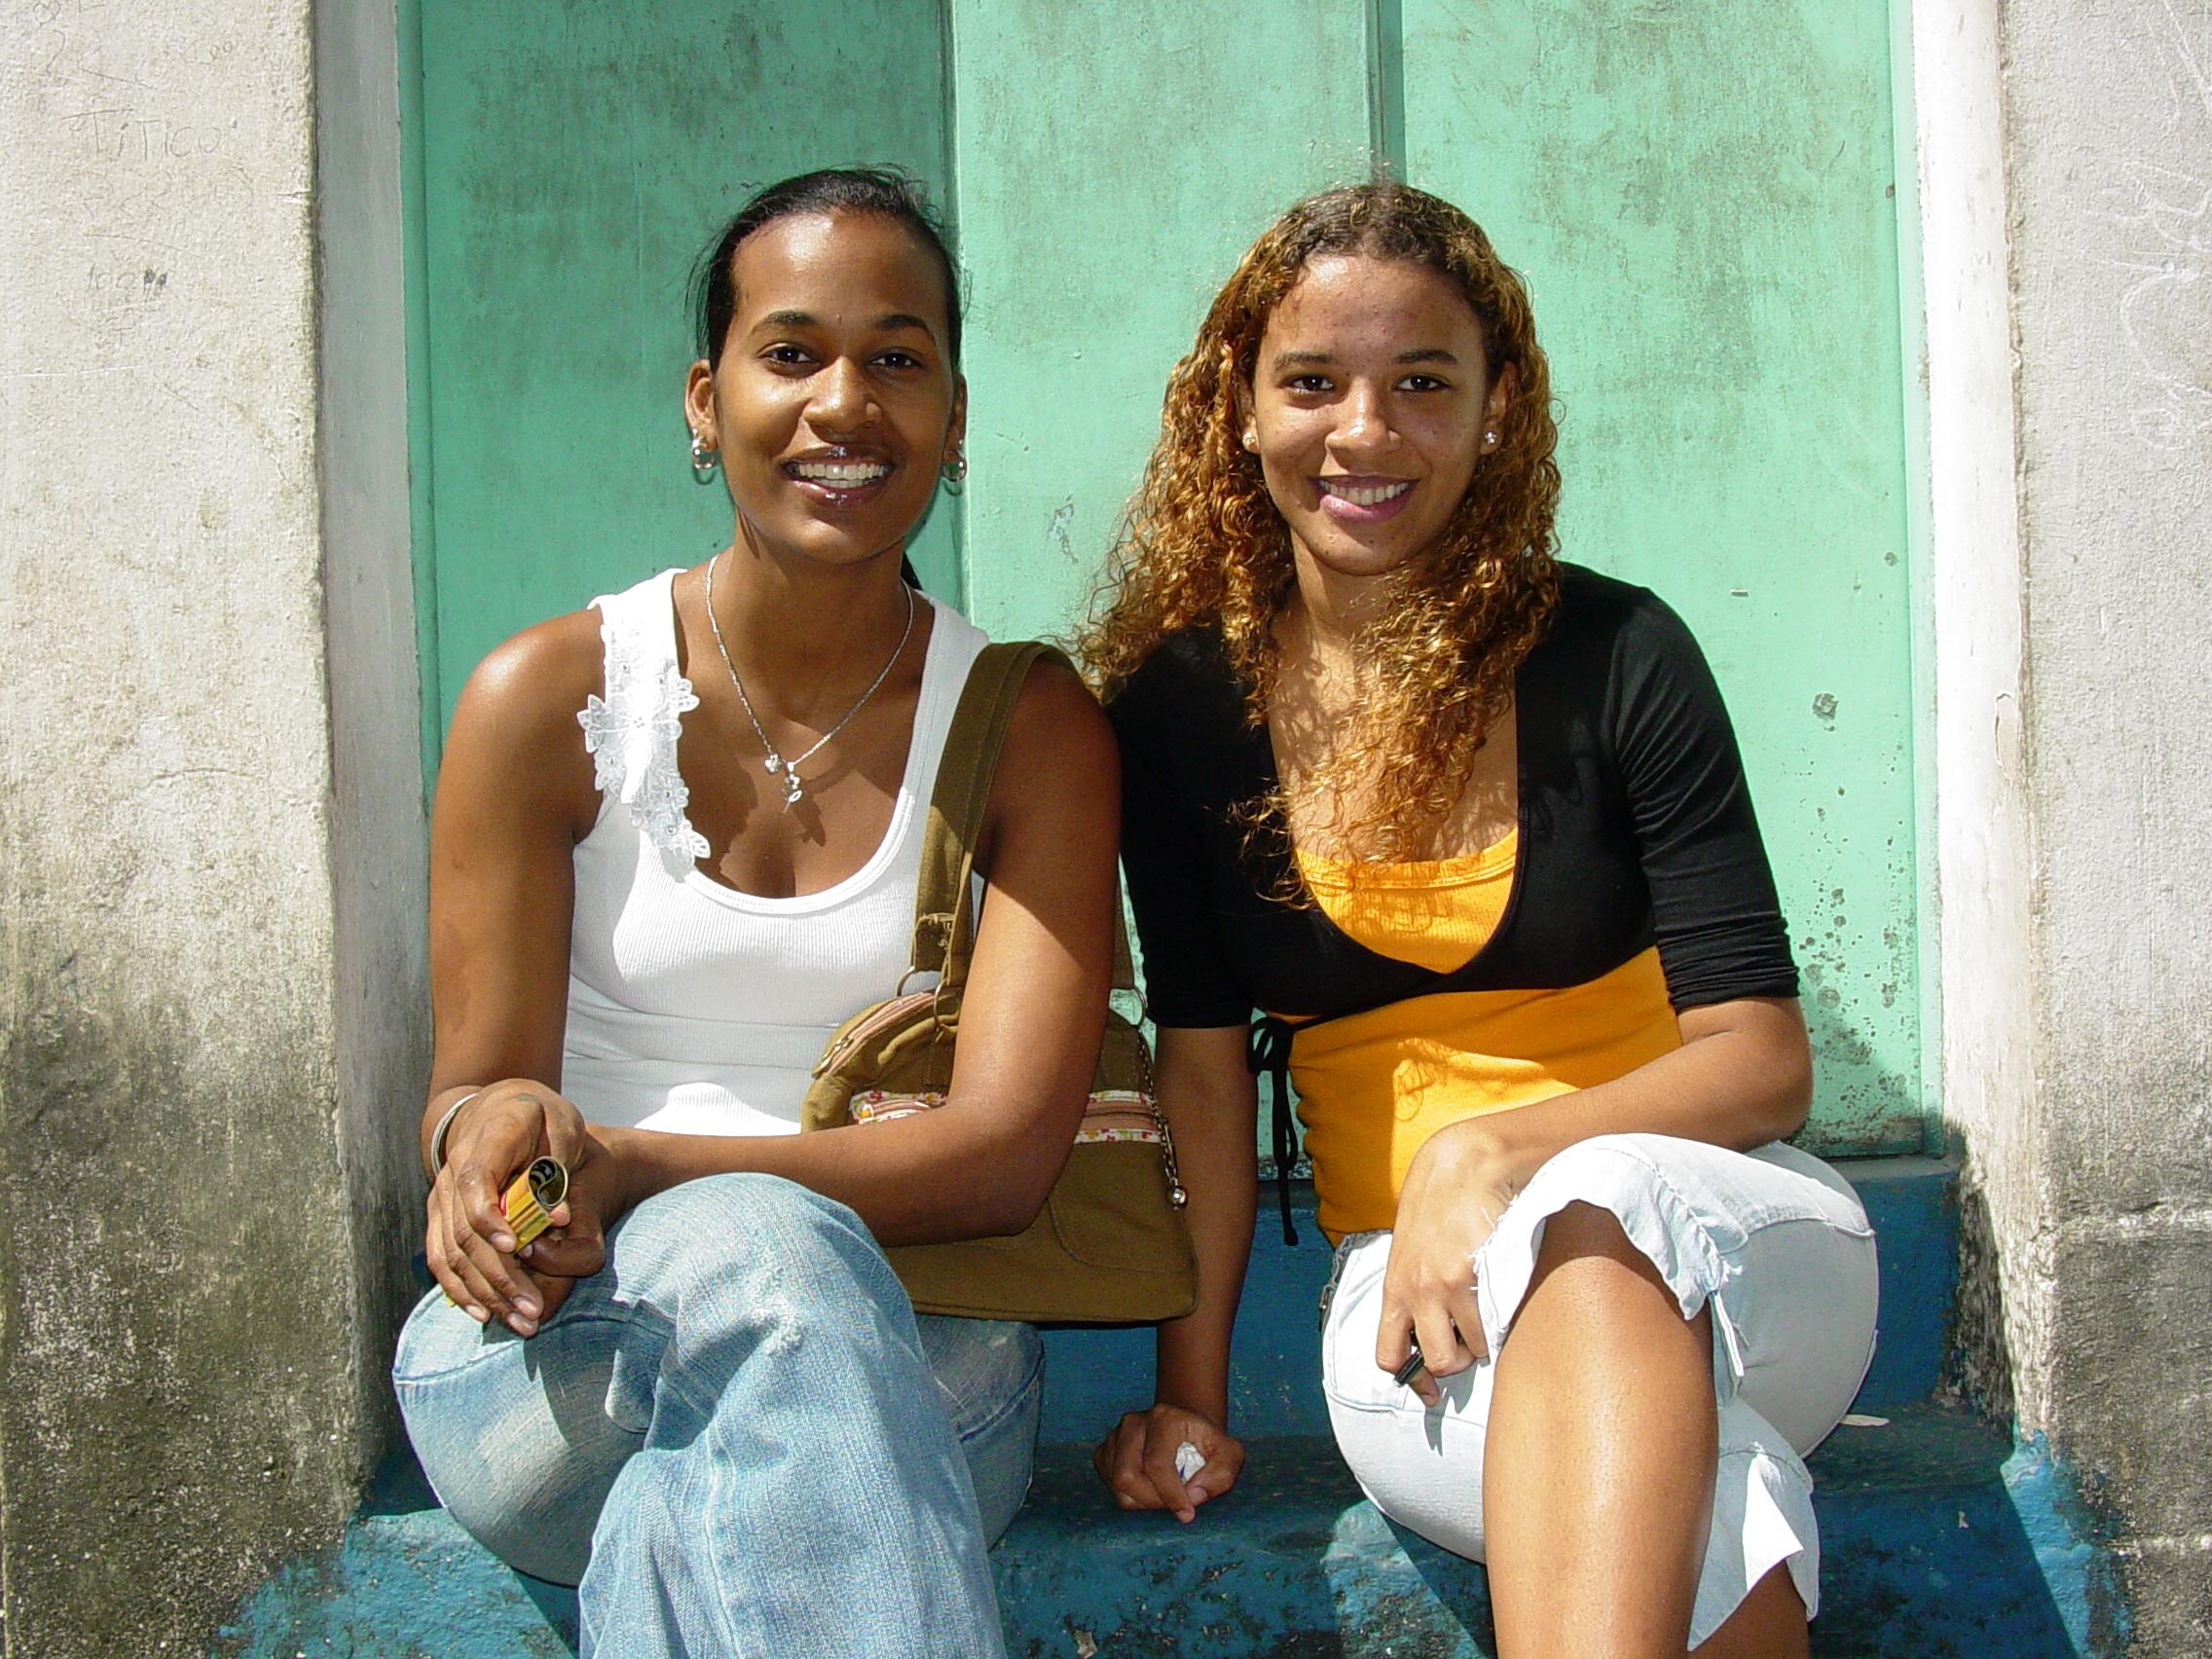 women's rights in Brazil